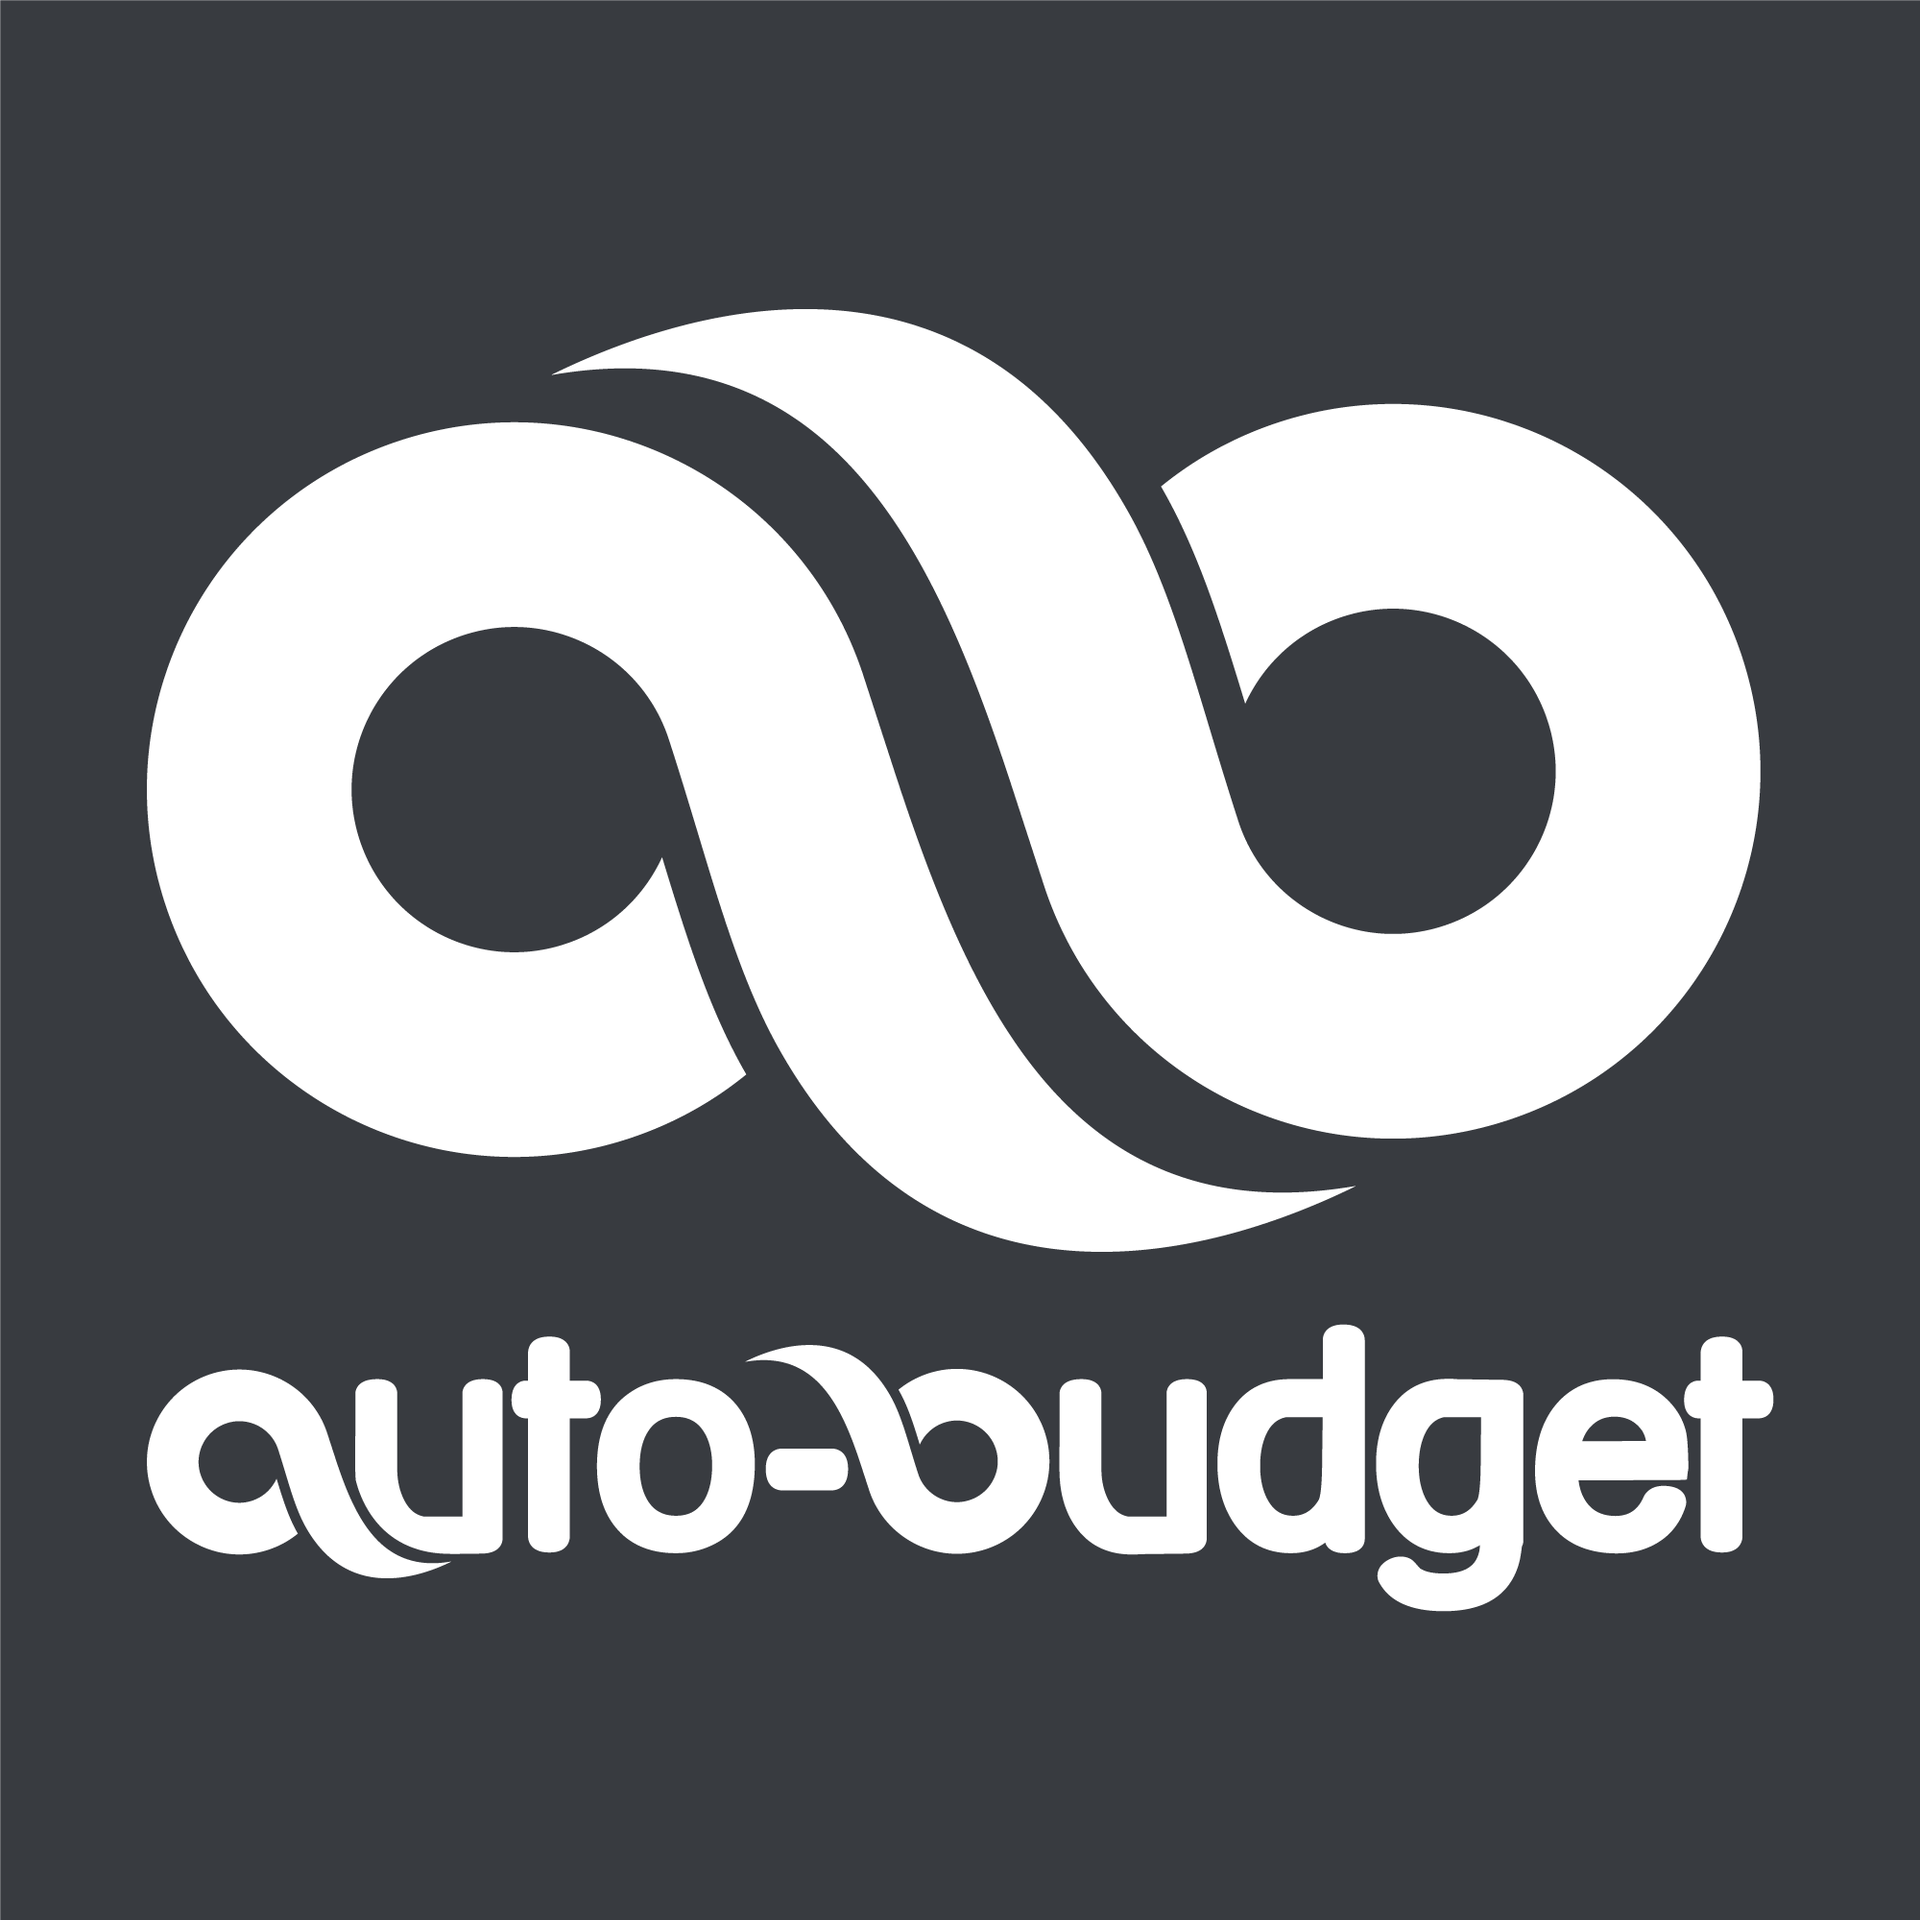 Autobudget carrosserie et peinture automobile